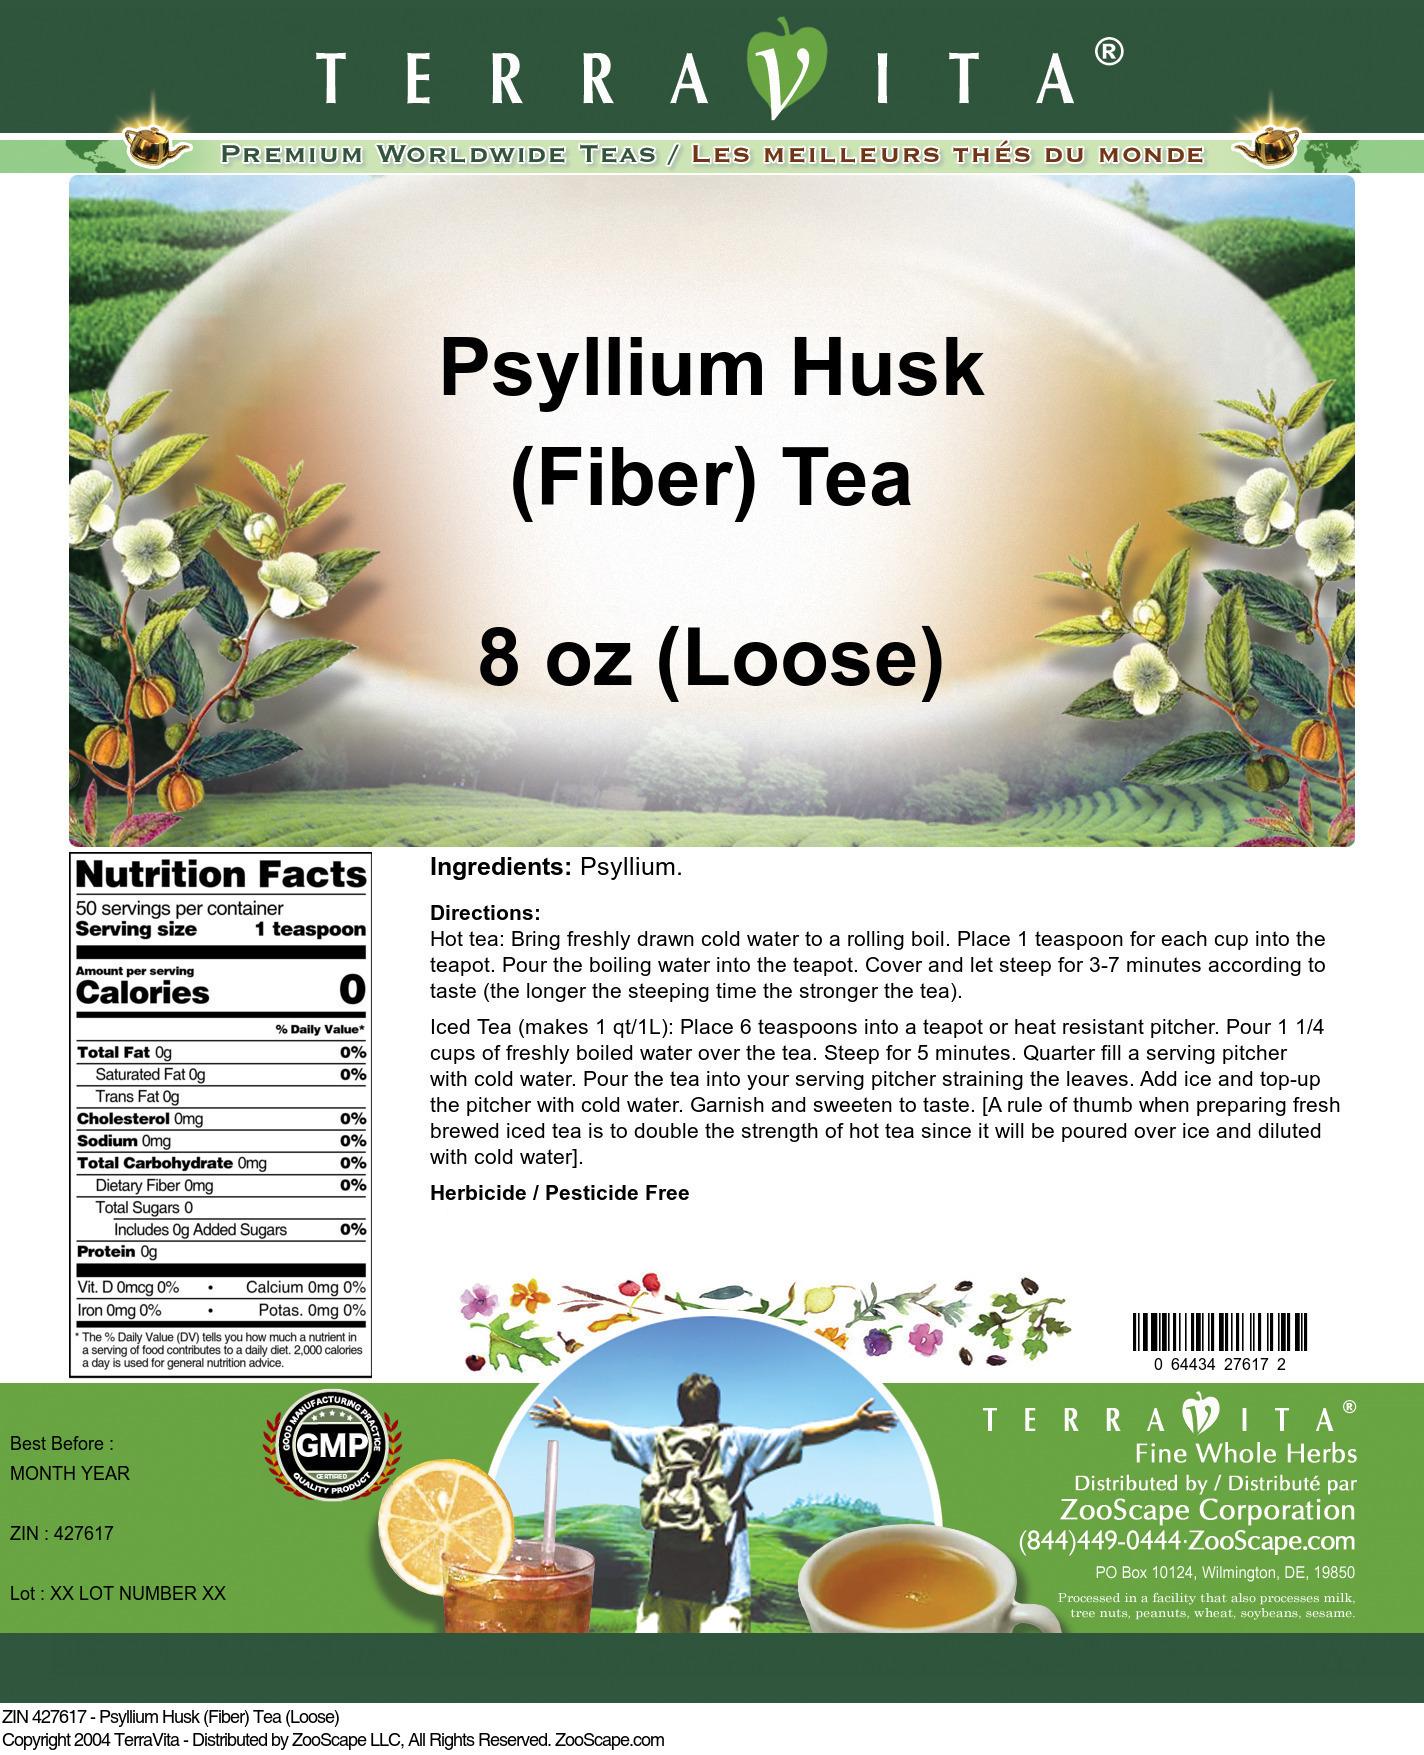 Psyllium Husk (Fiber) Tea (Loose)